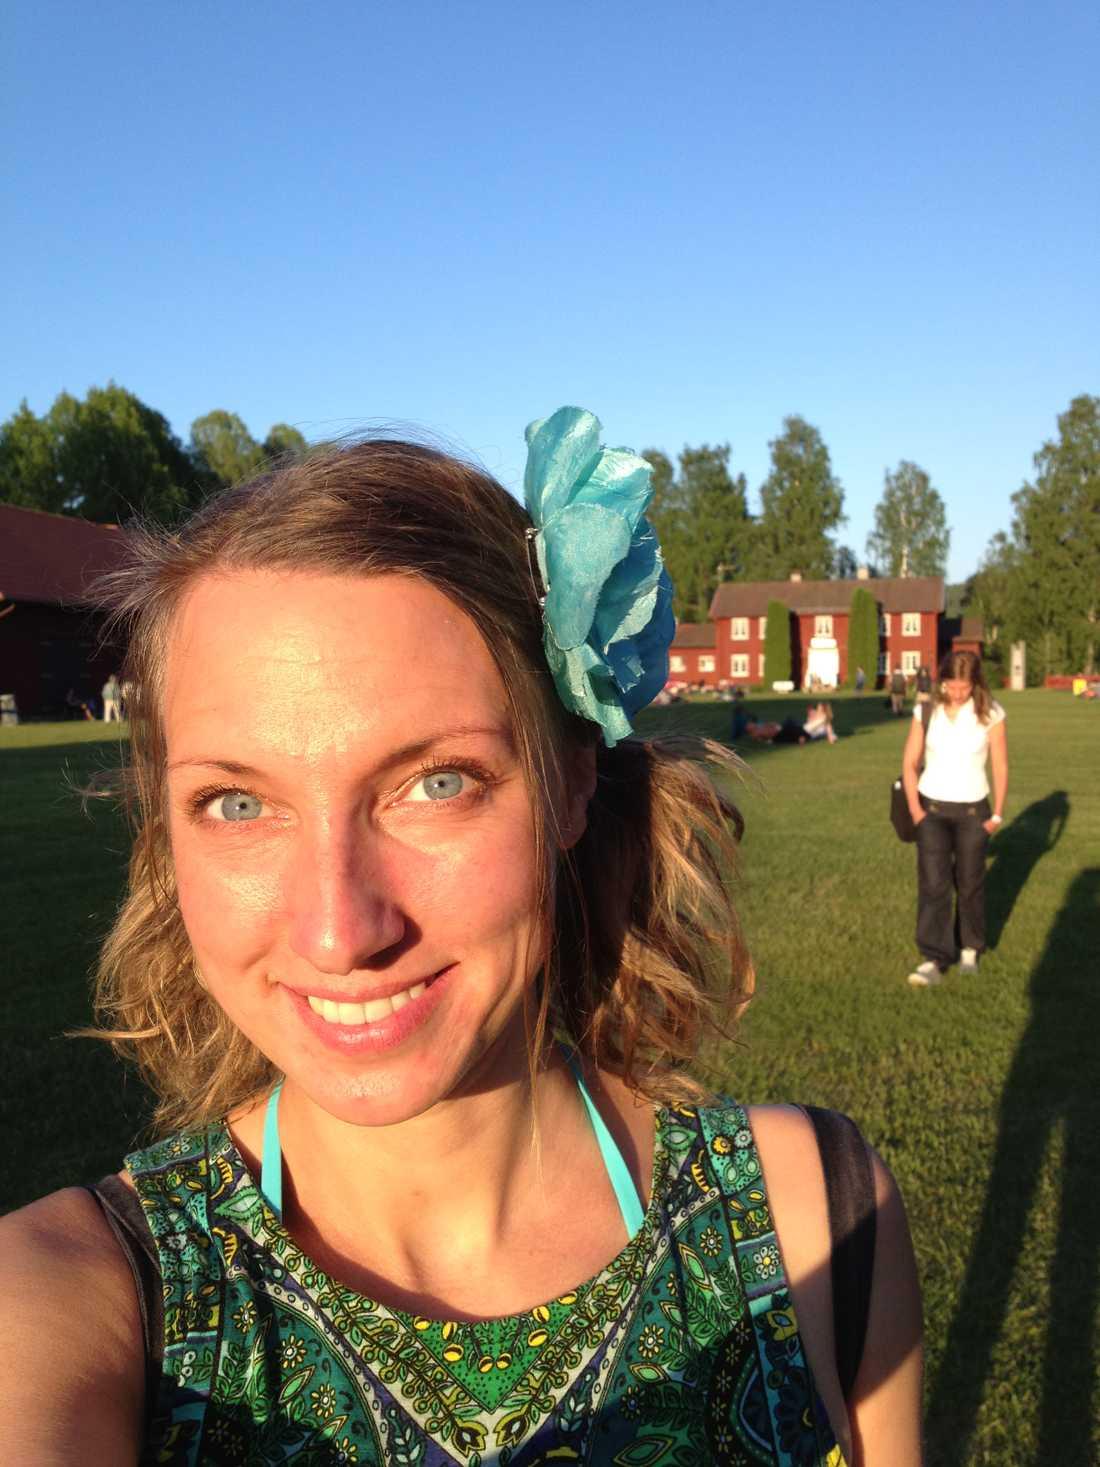 ROMANTISK EFTERLYSNING. Lisa Tegelmark, 36, har engagerat hela Sverige i sitt sökande efter den snygga killen i grön t-shirt som hon träffade på tunnelbanan under söndagskvällen.